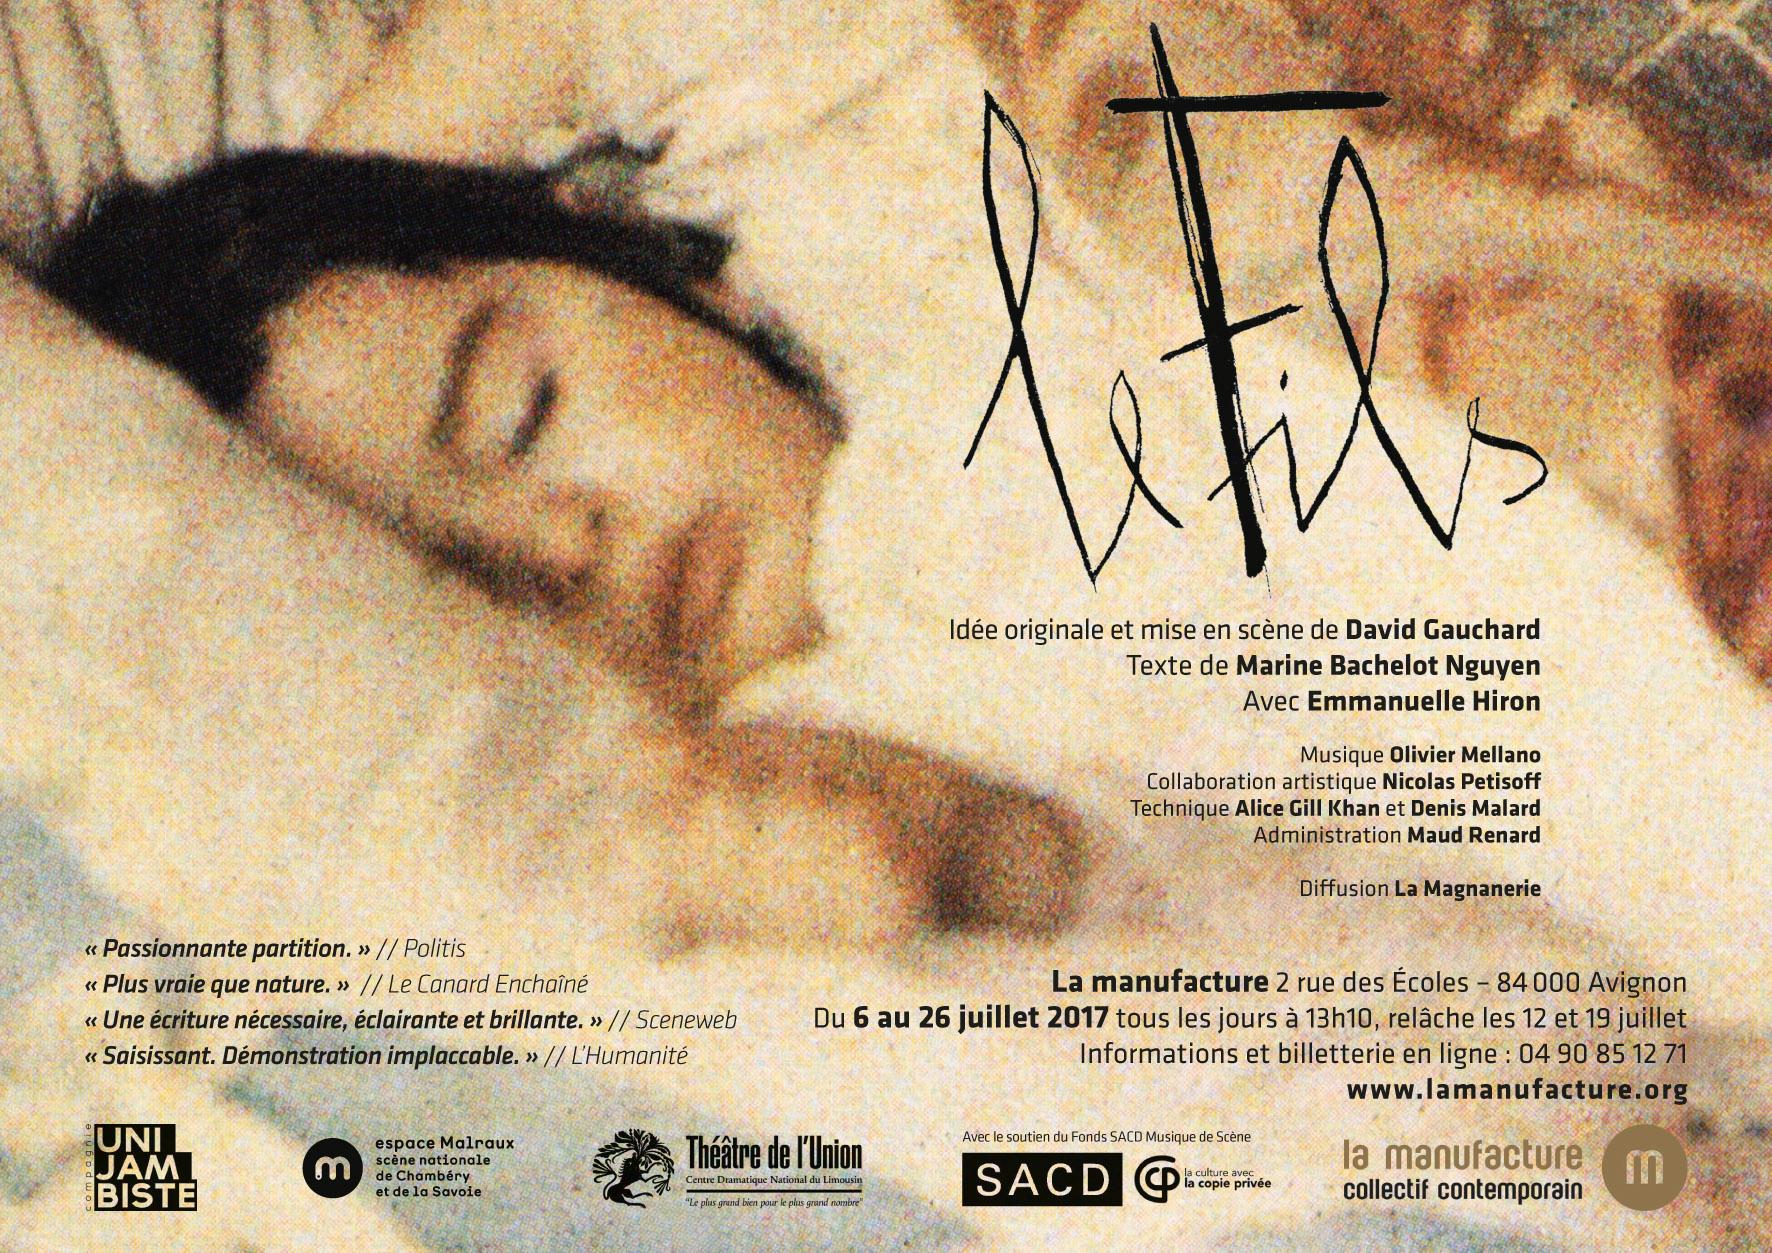 Le Fils_Affiche Avignon.indd